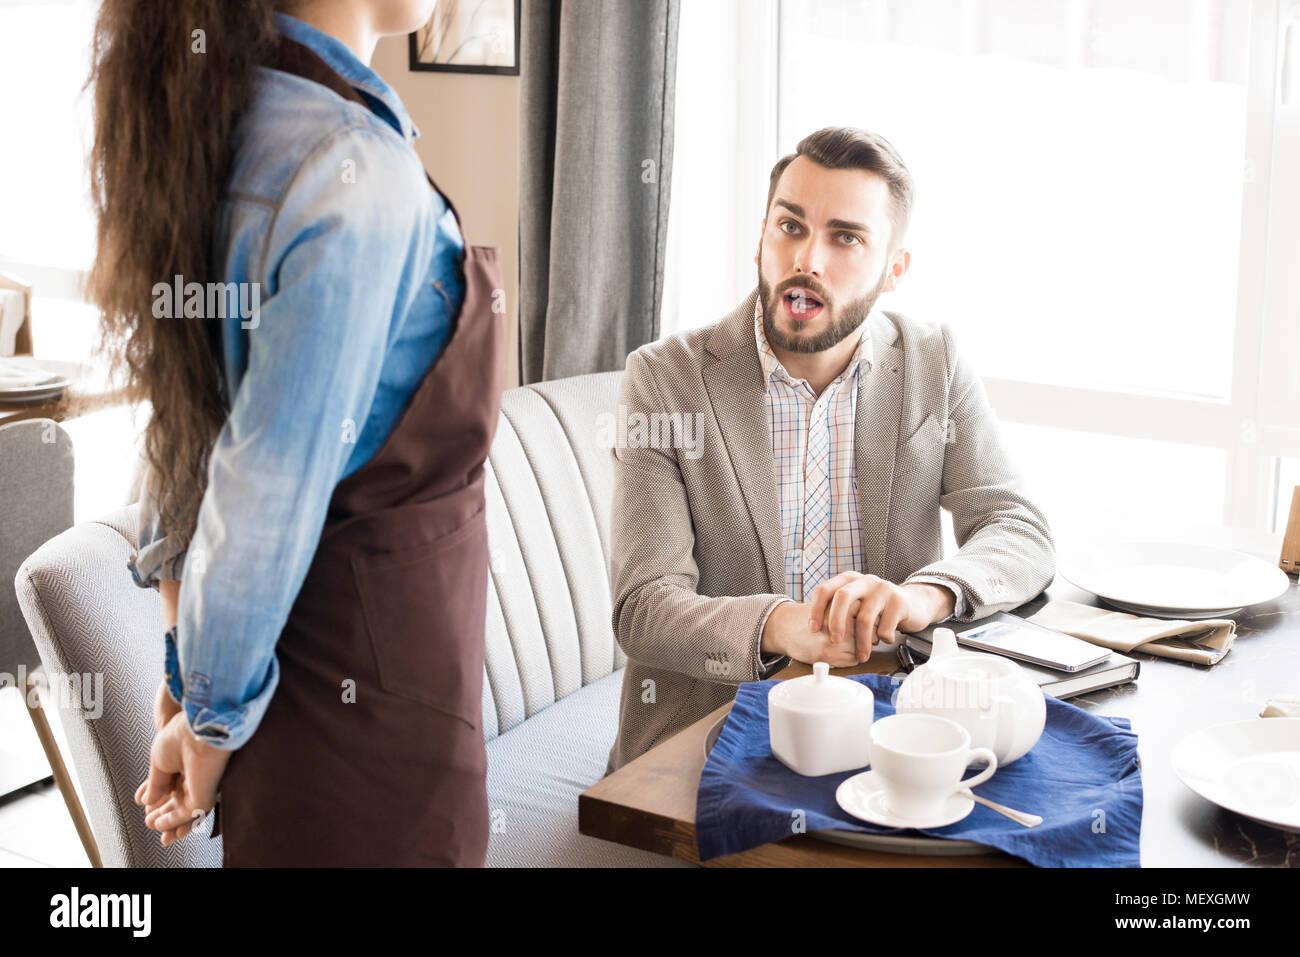 Nachdenklich, Kunde fragt die Kellnerin im Cafe Stockbild